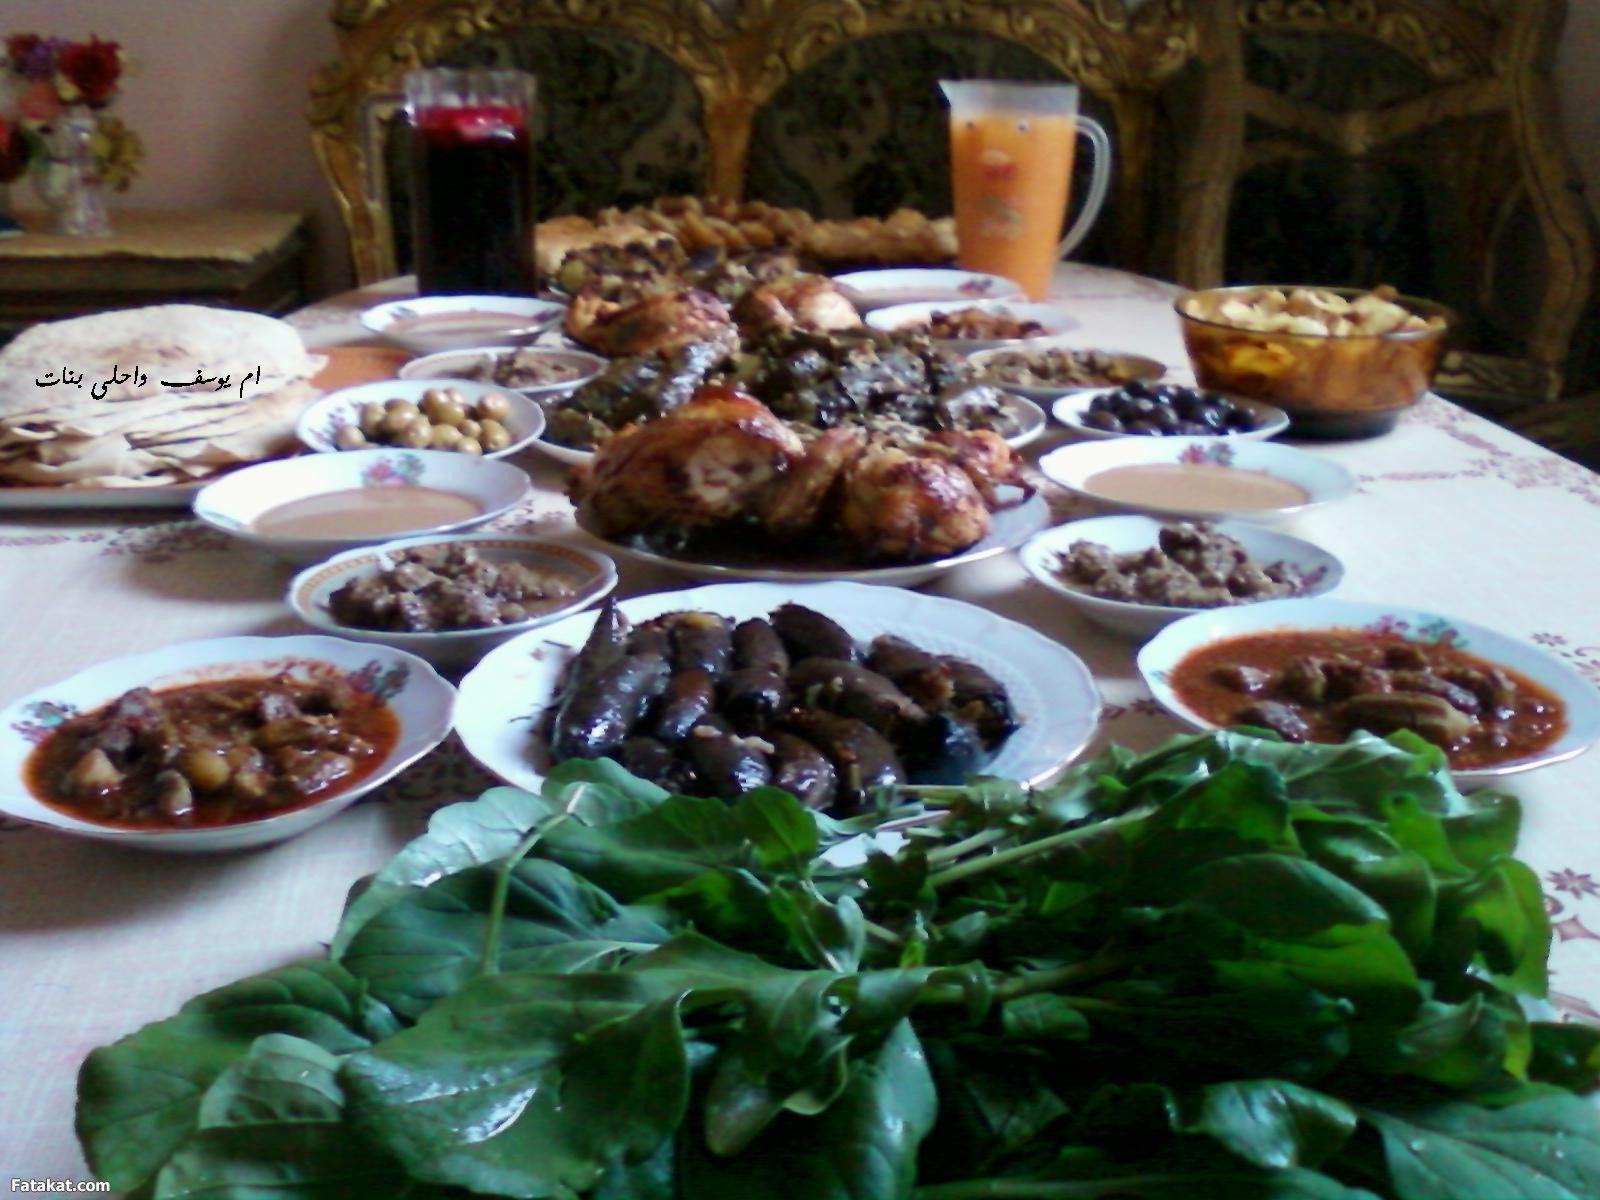 عزومتى السهلة لبناتى والفضل لتجهيزاتى وتفريزاتى من ام يوسف بالصور Food Beef Meat